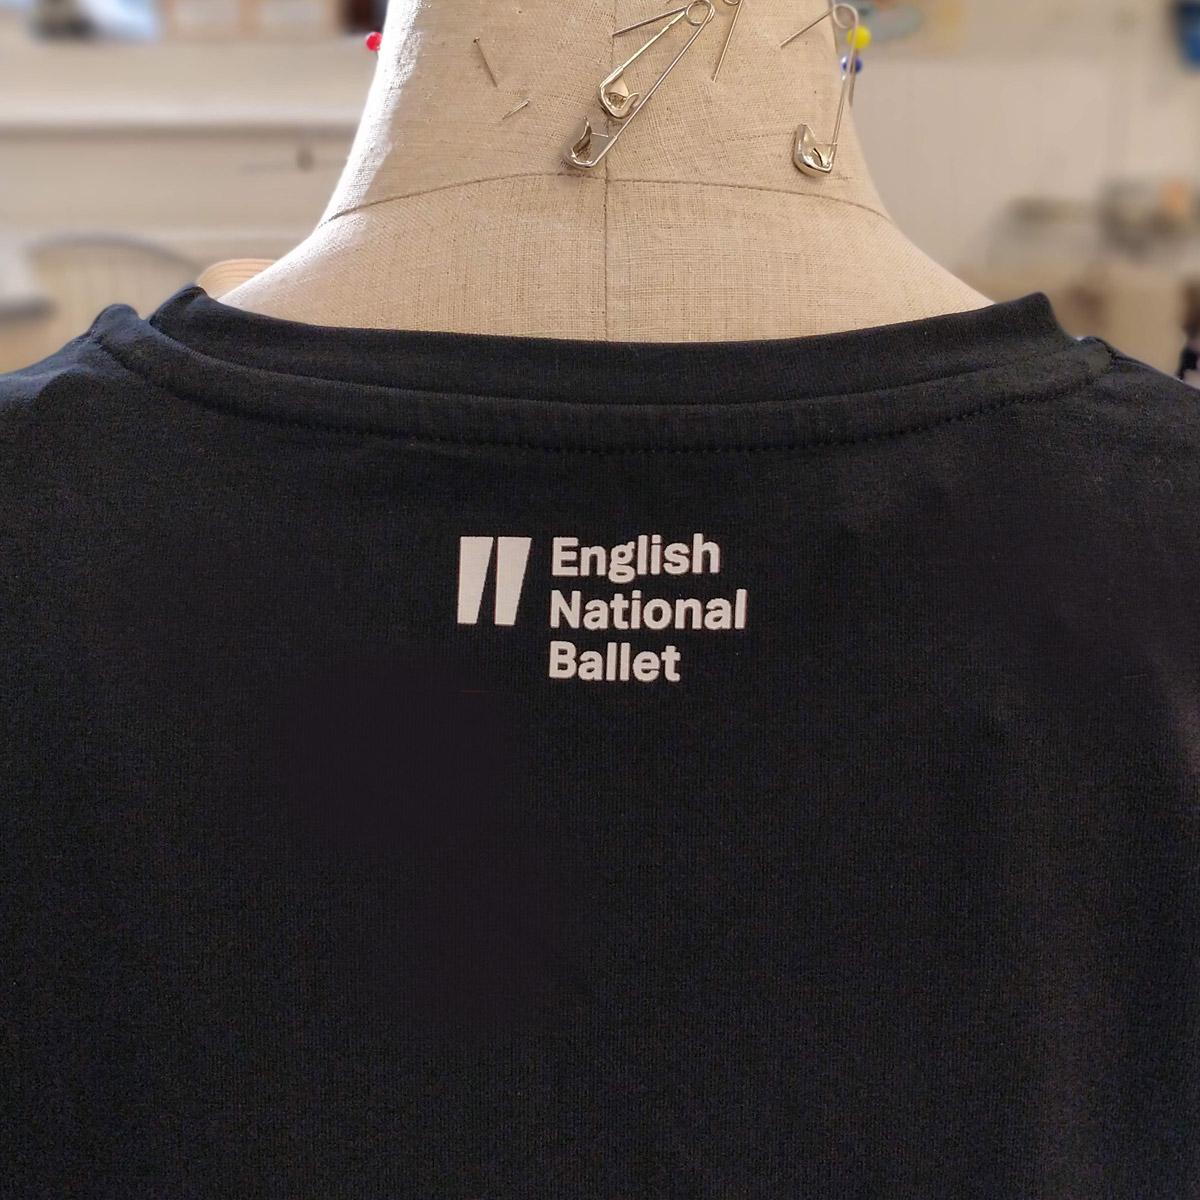 Product-Image-tshirt-reverse